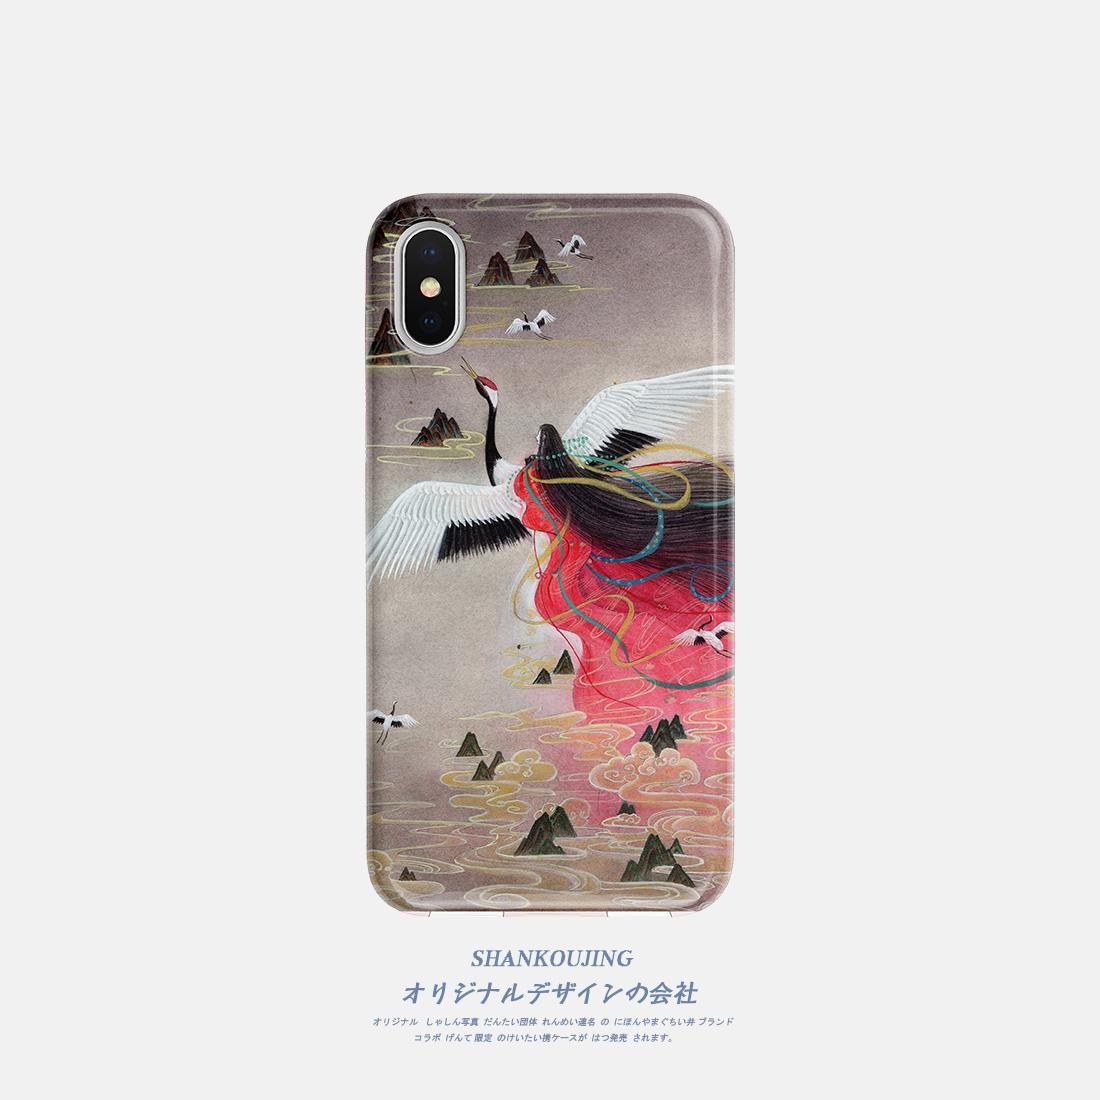 日系插画6s苹果iPhone7plus/8p手机壳xs/xr/max硅胶软壳磨砂全包